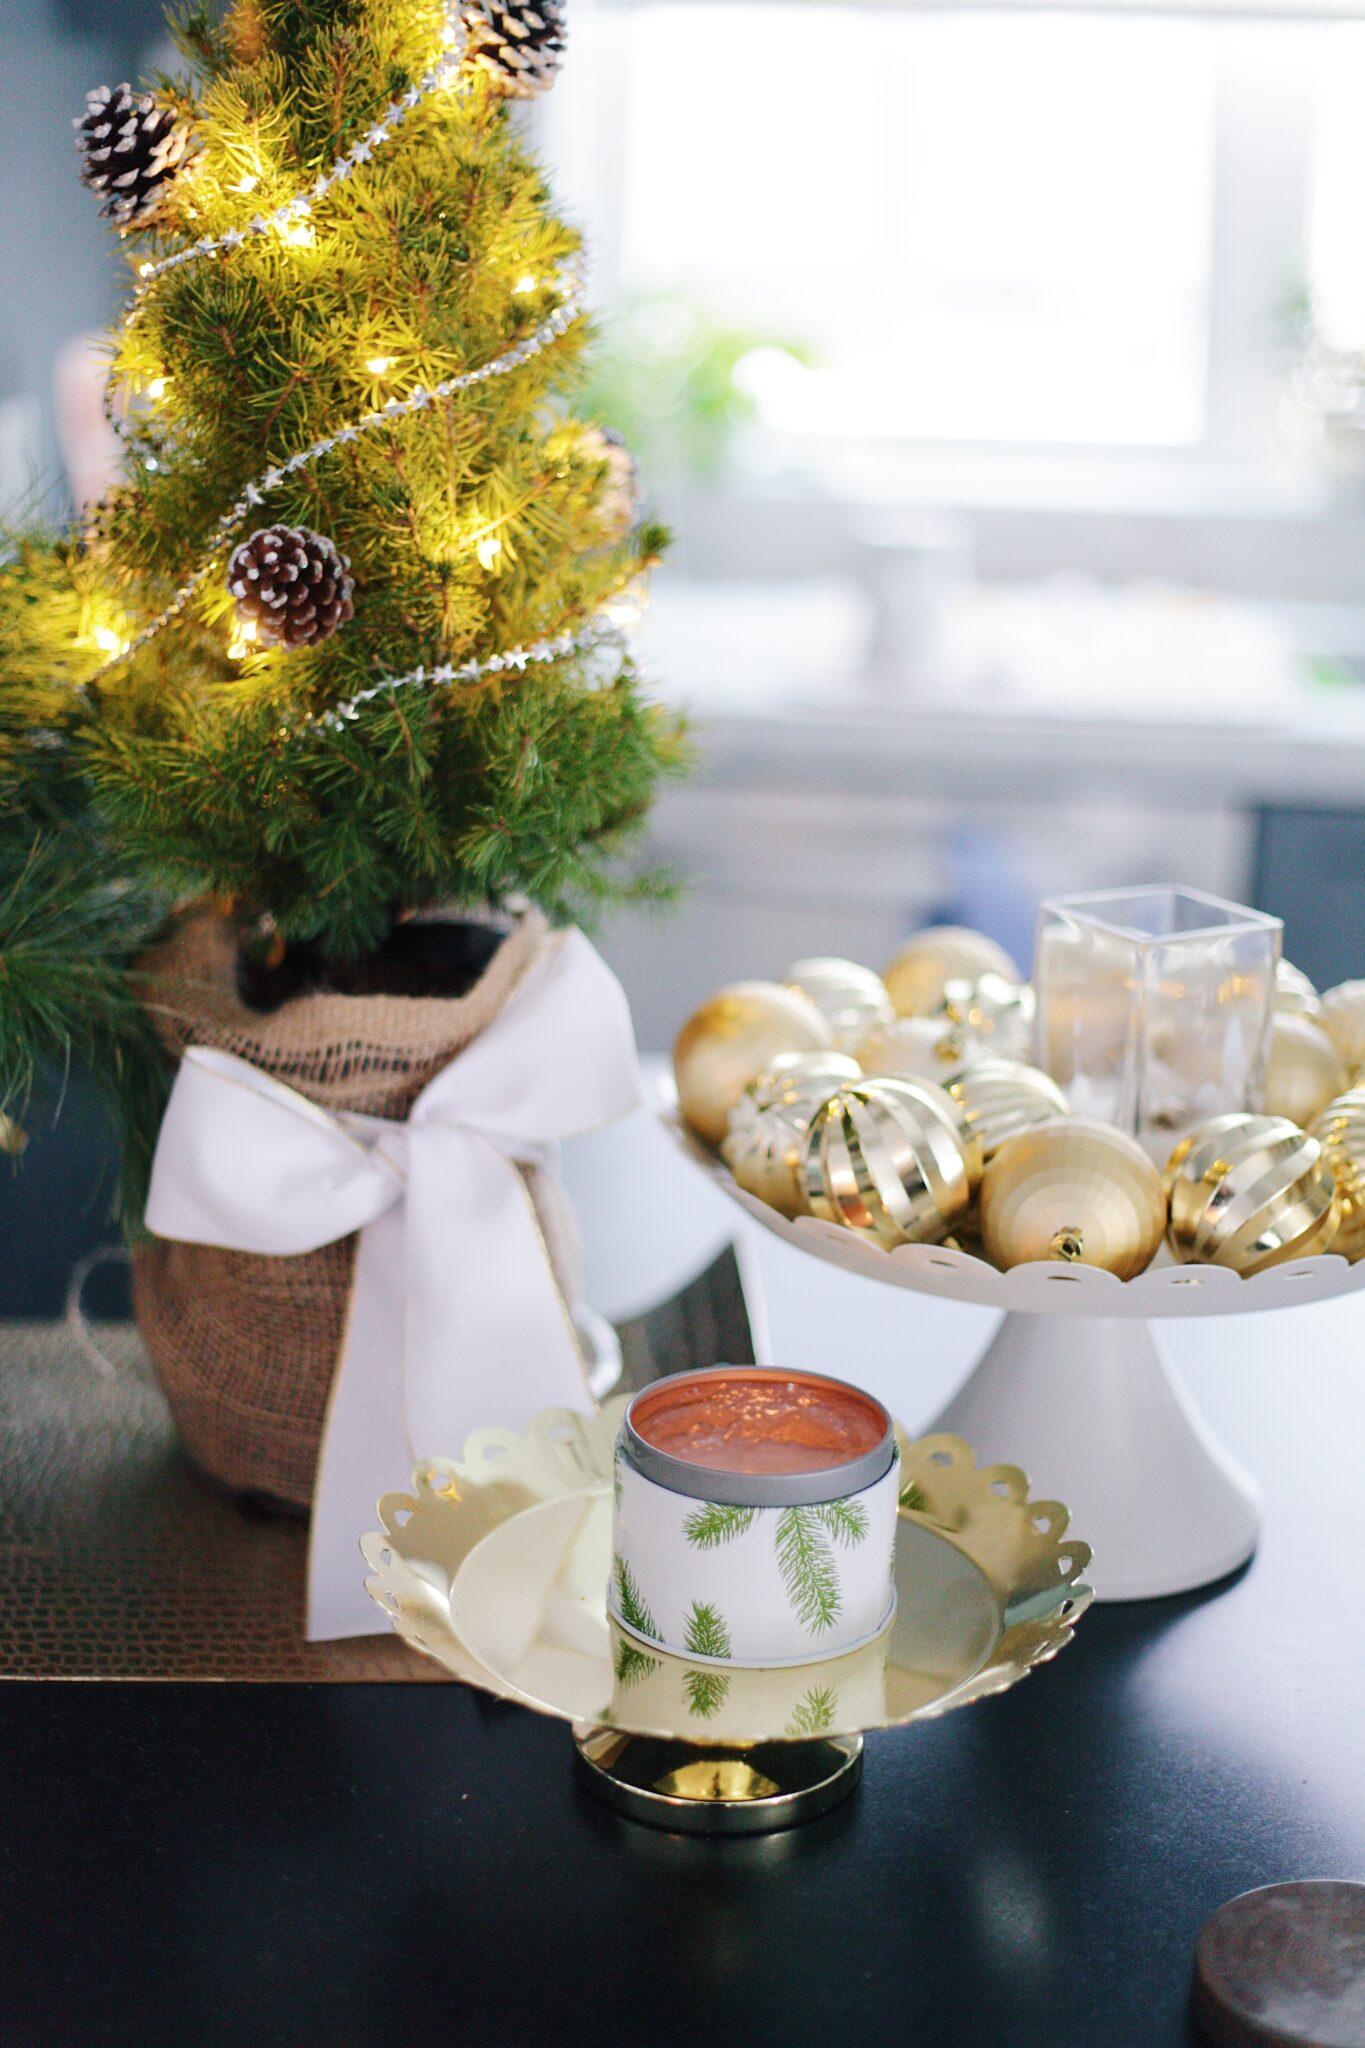 13 Simple Pleasures - Light candles! #winter #frasierfir #simplepleasures